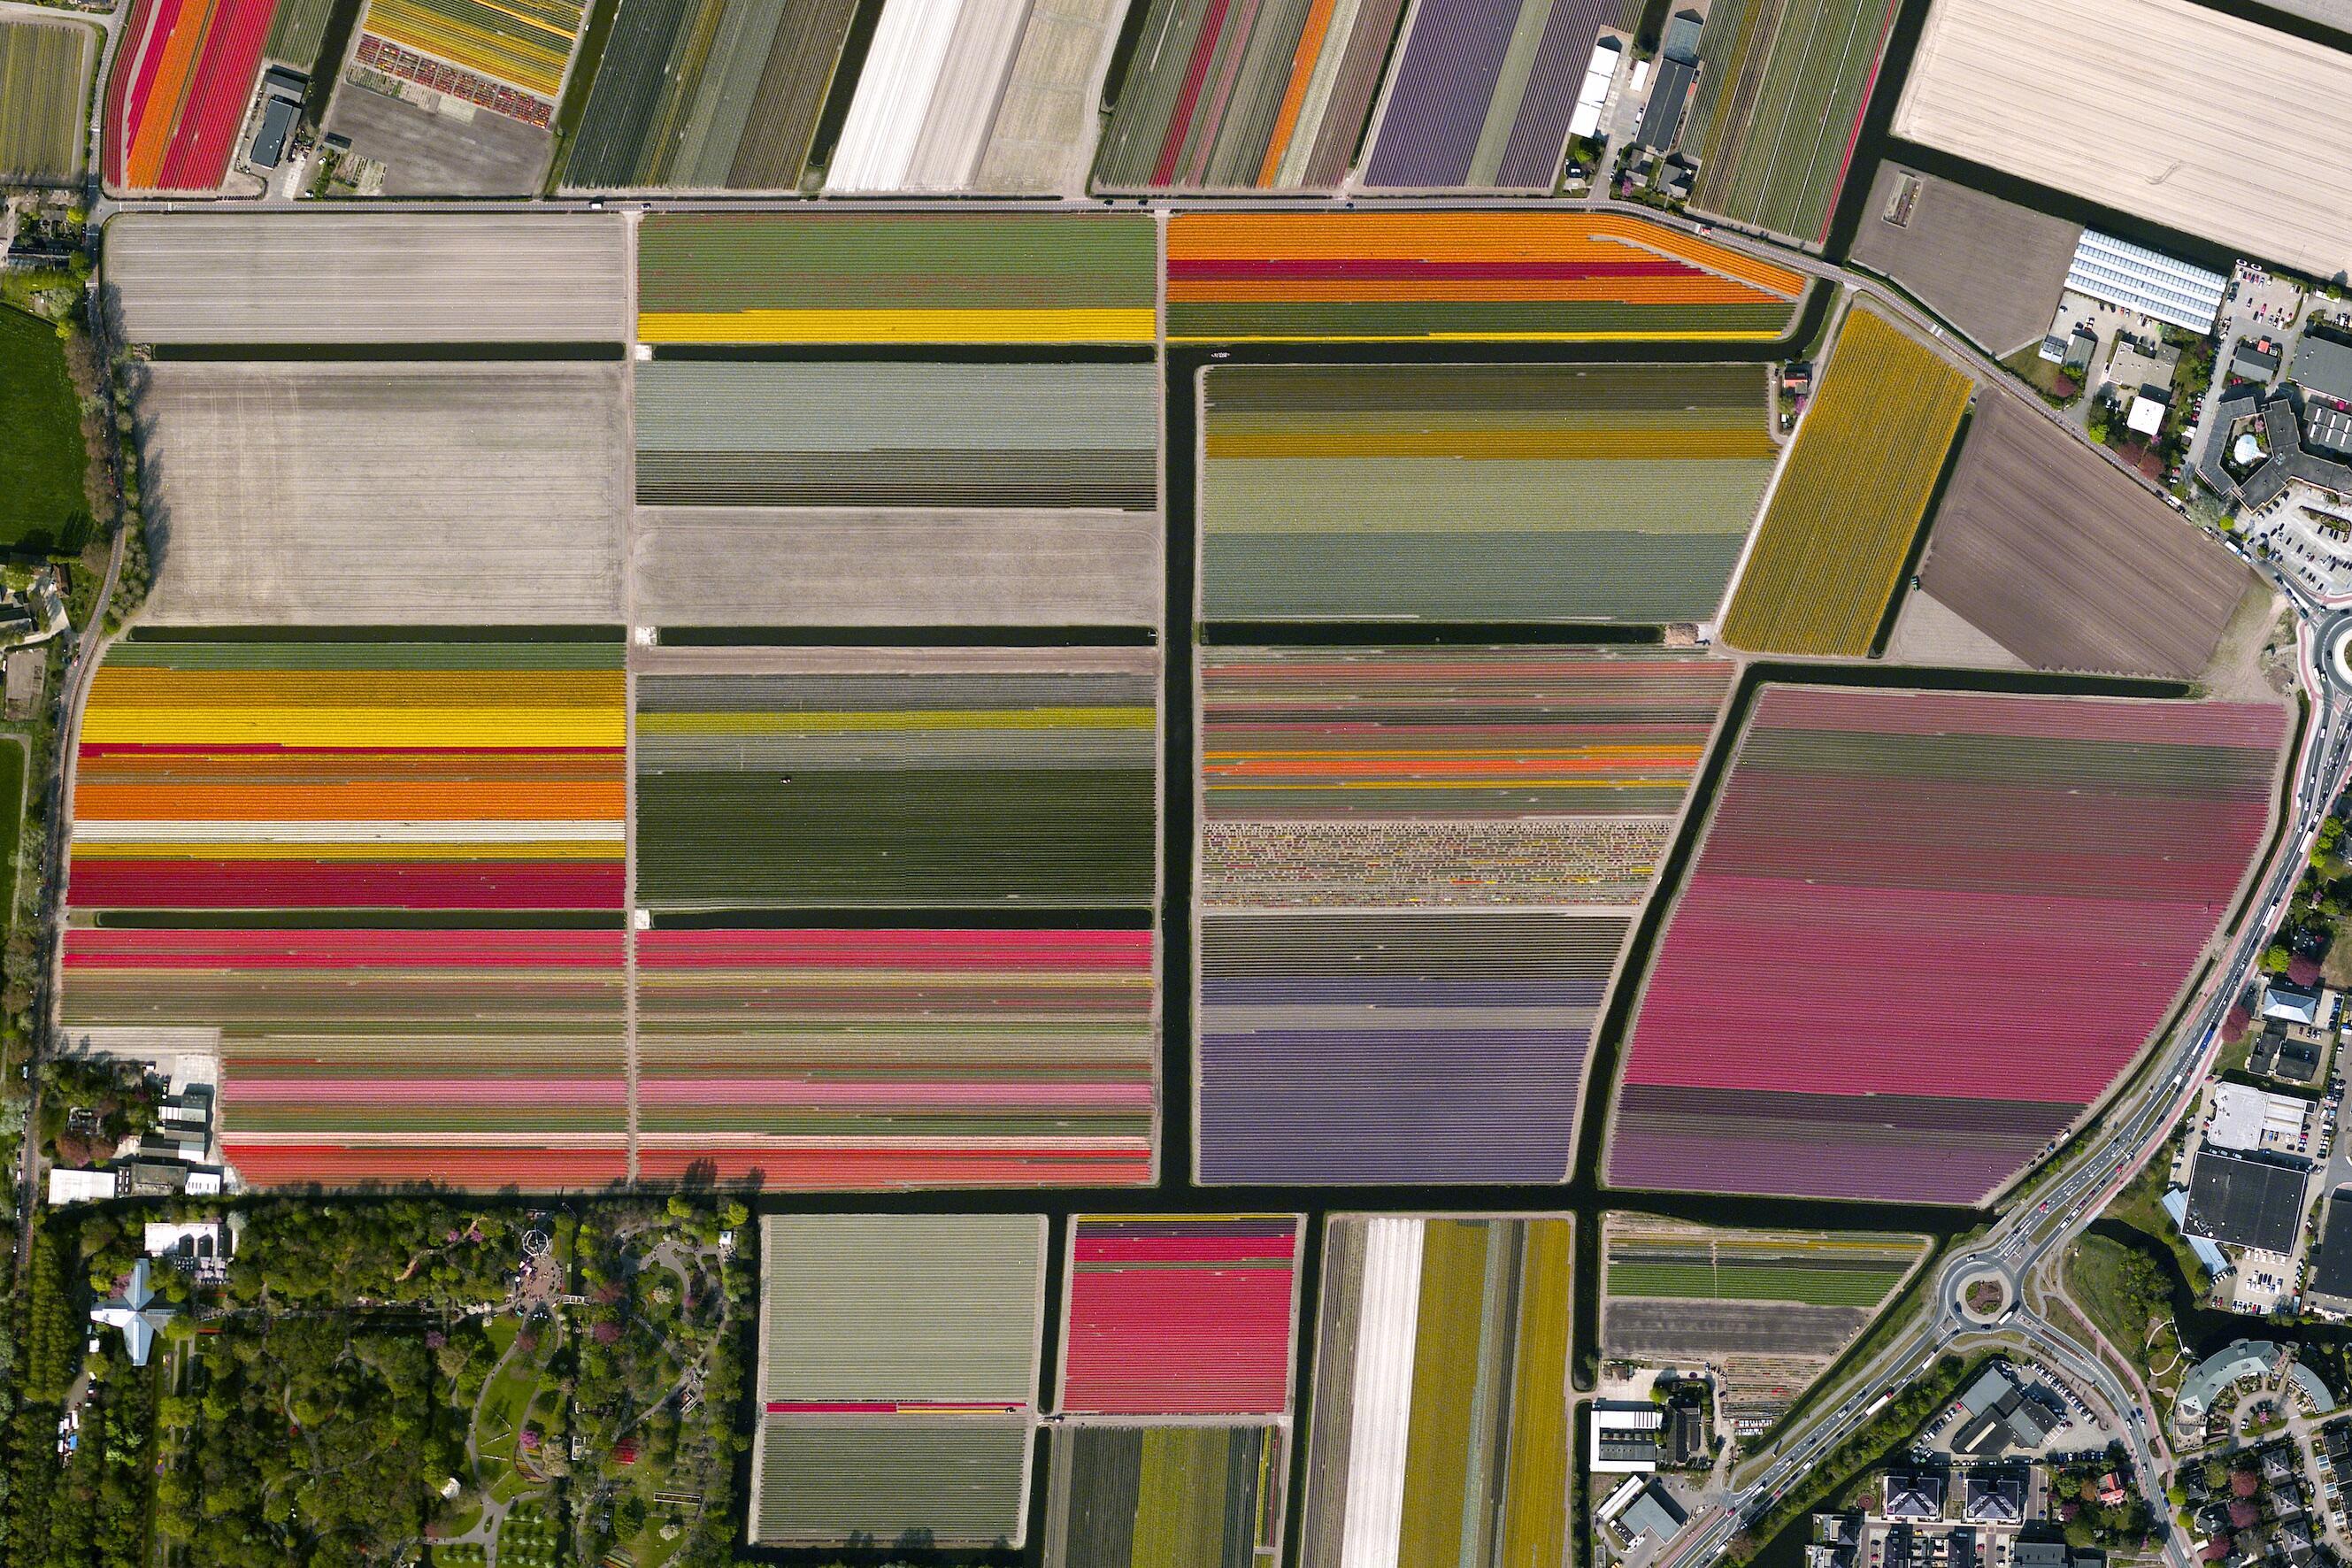 Bild zu Lisse, Niederlande